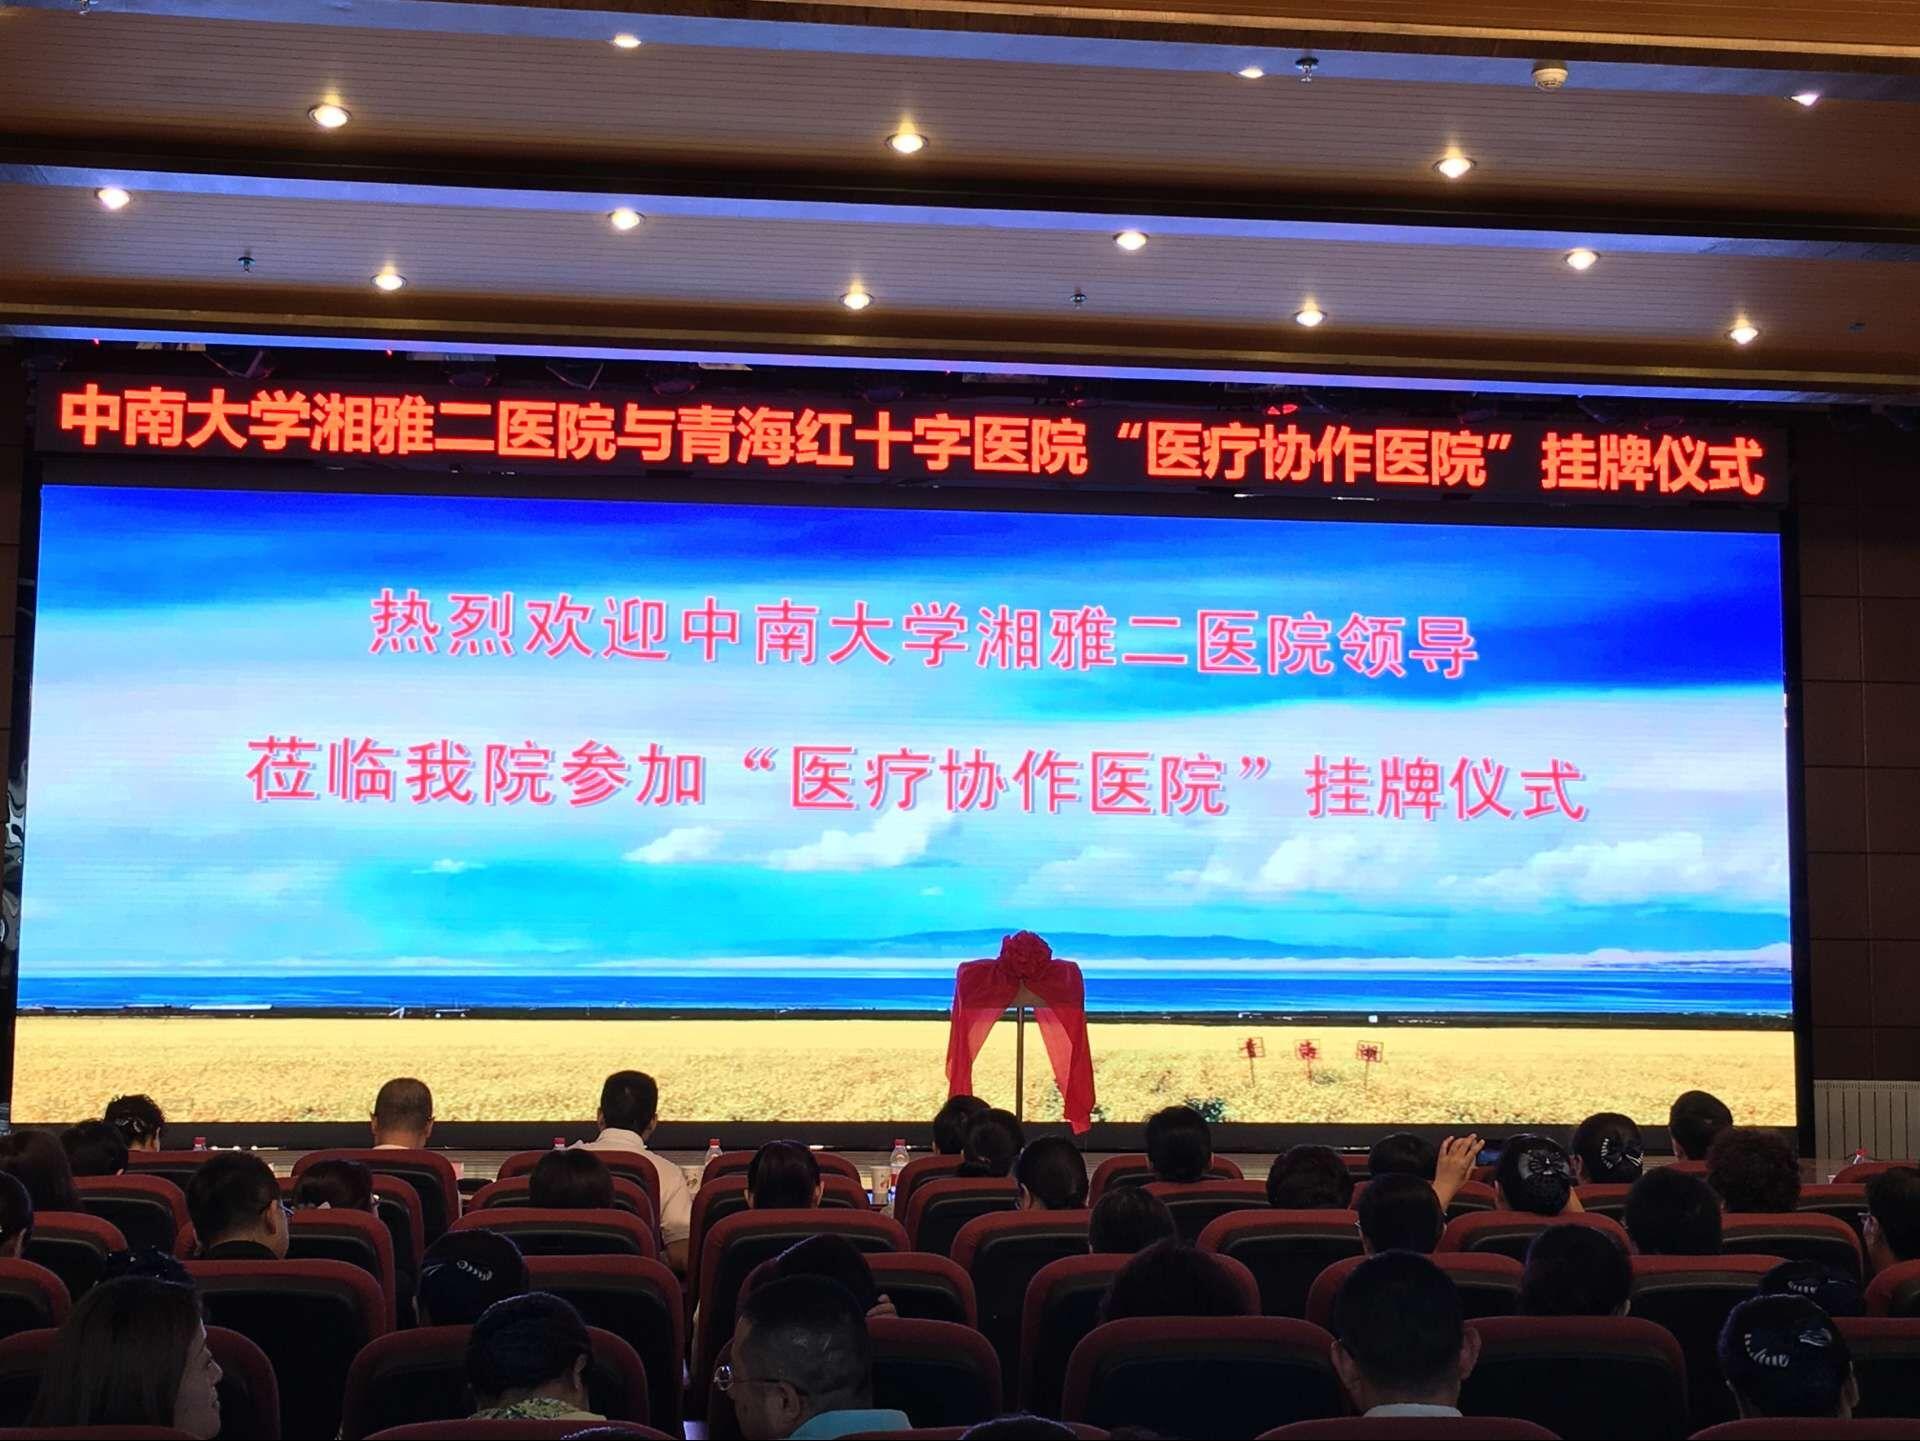 青海新闻网讯 7月29上午,青海红十字医院与中南大学湘雅二医院 医疗协作医院 正式挂牌,相关领导出席挂牌仪式活动并讲话。